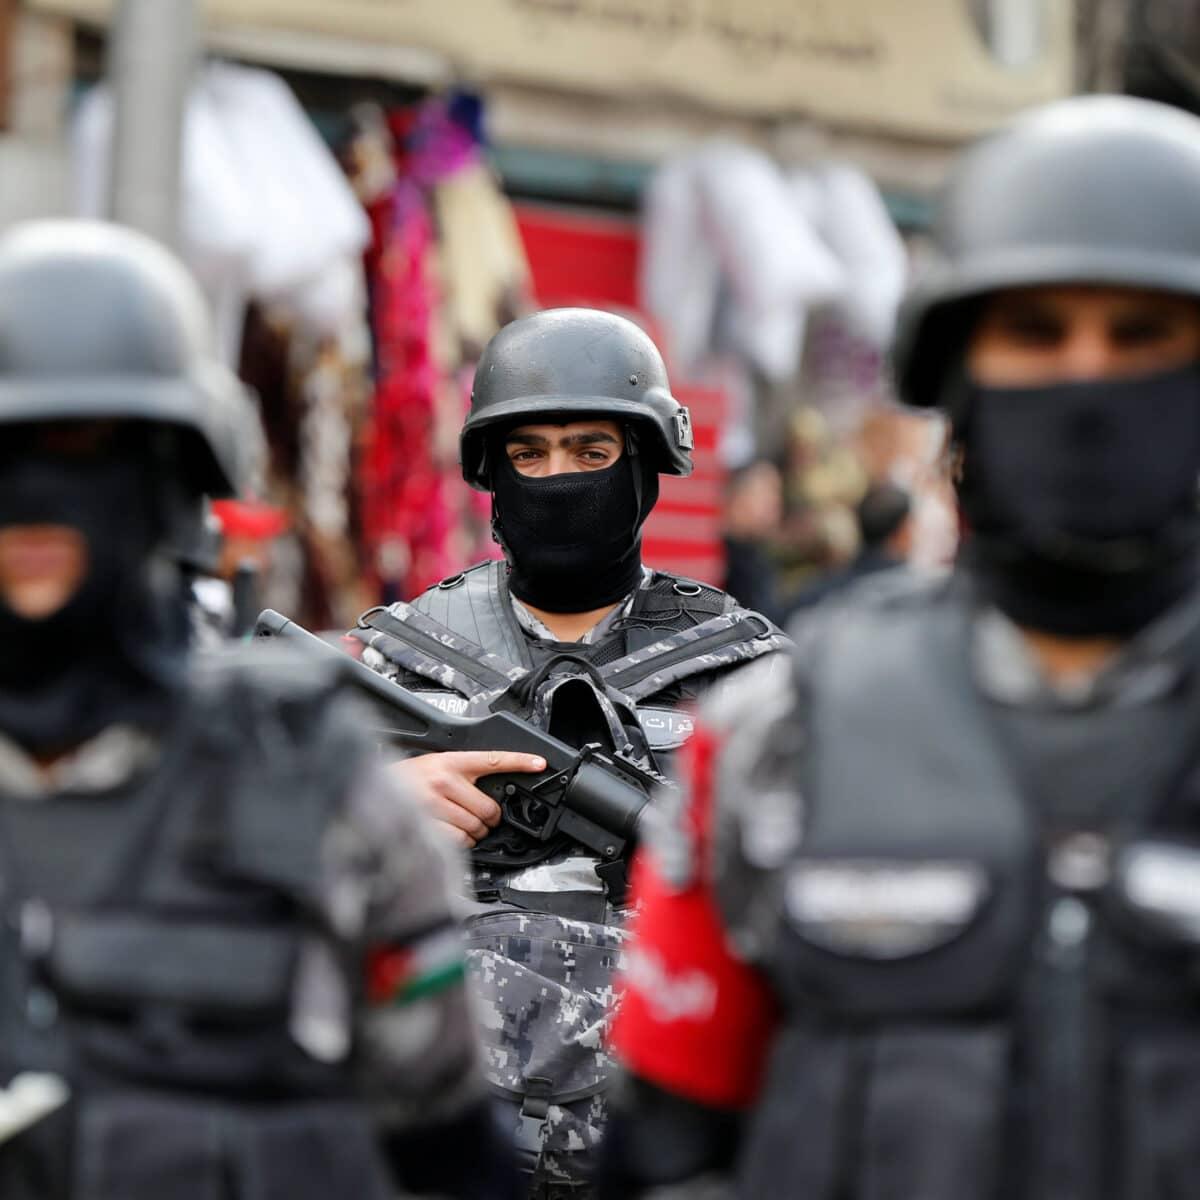 جريمة تهز لواء الجفر بعد قتل أردني لطفلتيه